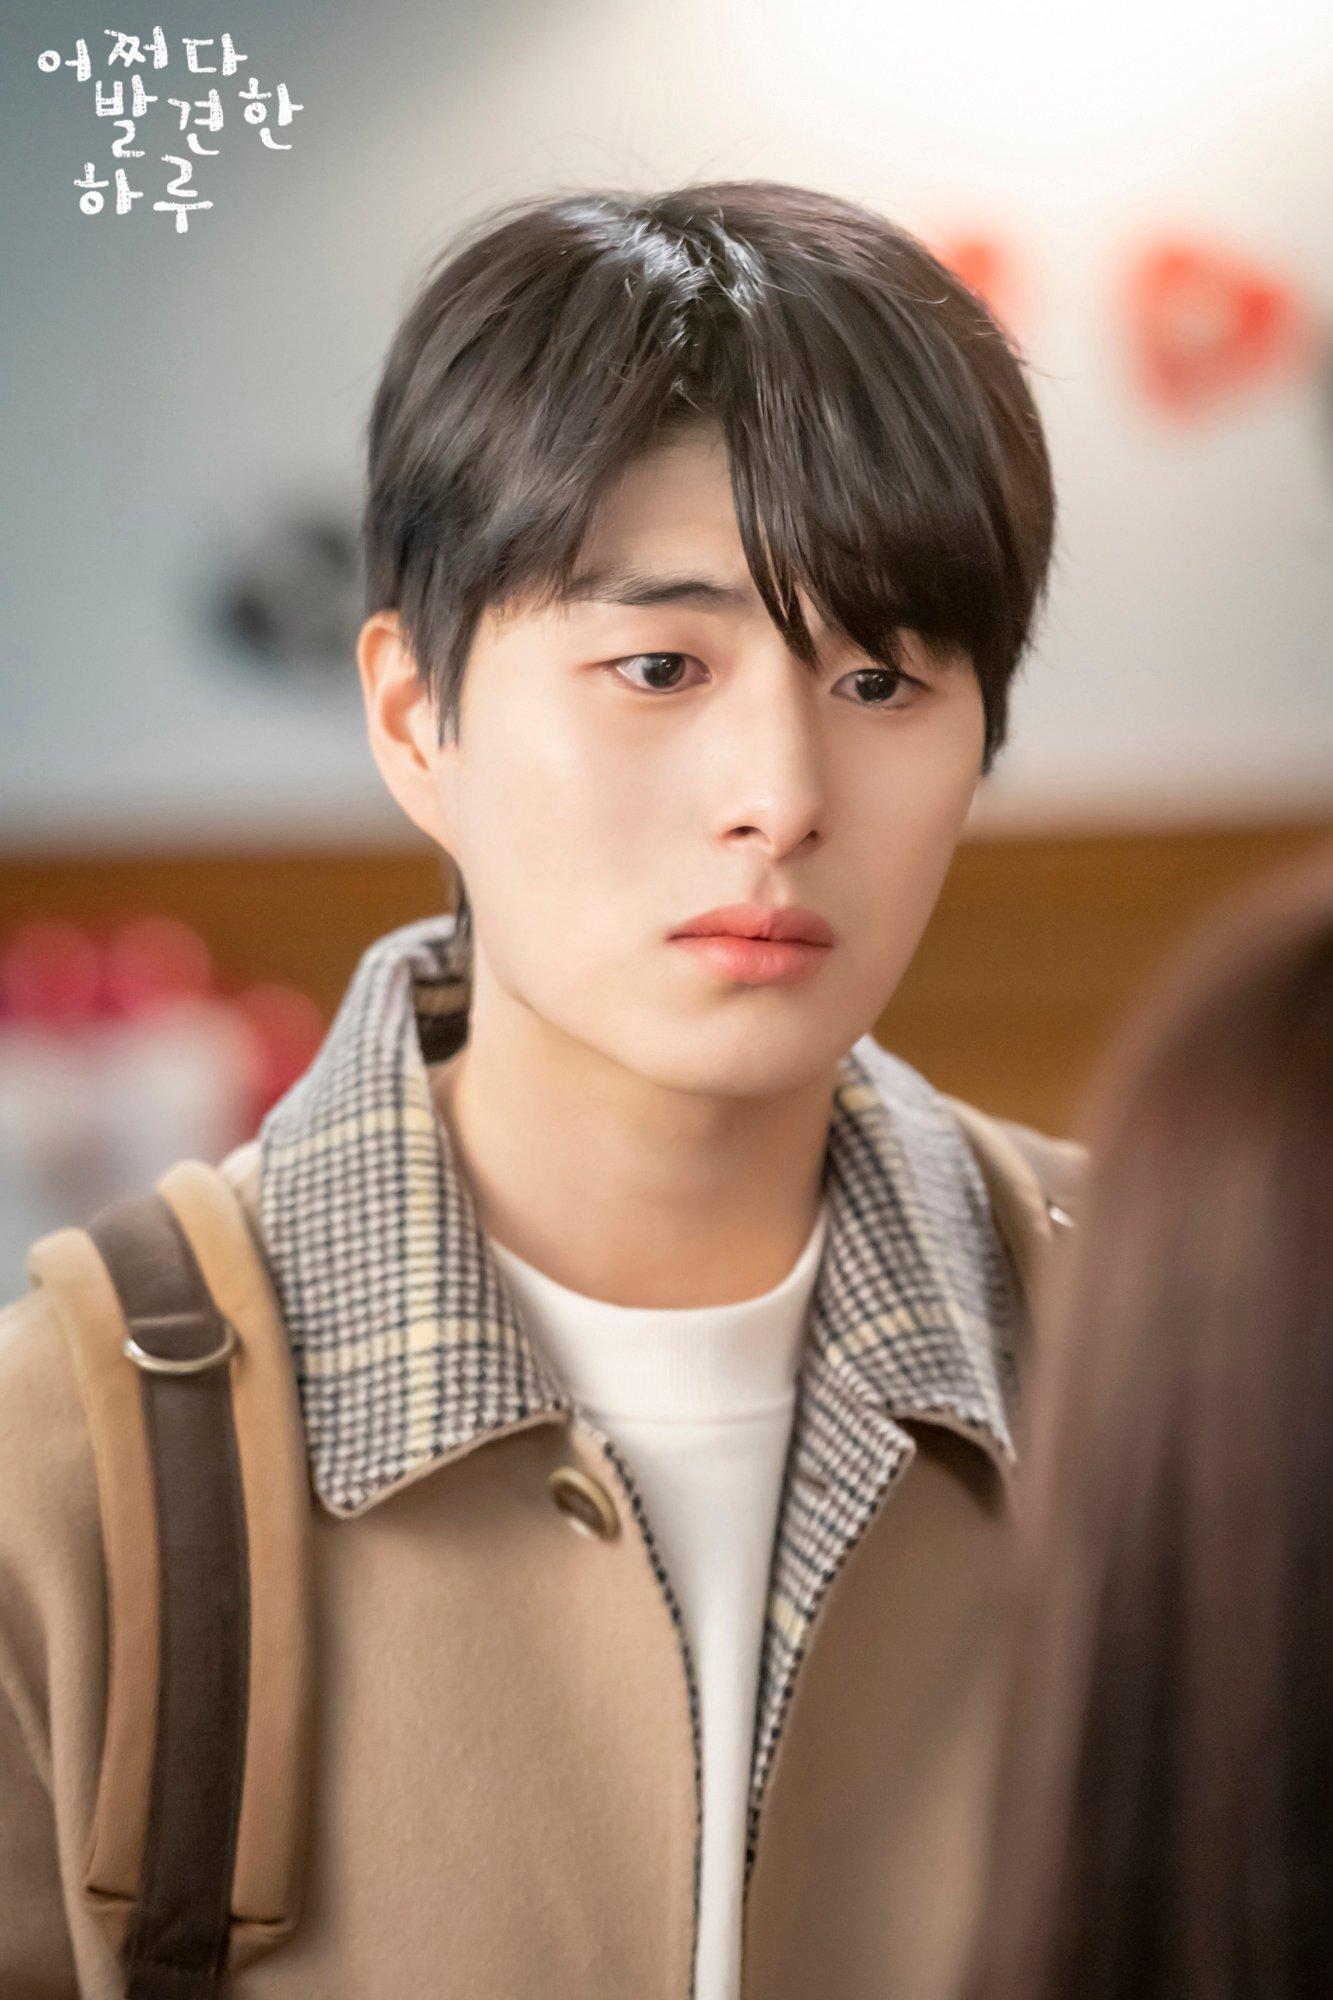 Nhìn lại 5 diễn viên tân binh nổi bật xứ Hàn năm 2019: Toàn mĩ nam - mĩ nữ nhan sắc đỉnh cao, tài năng có thừa - Ảnh 21.